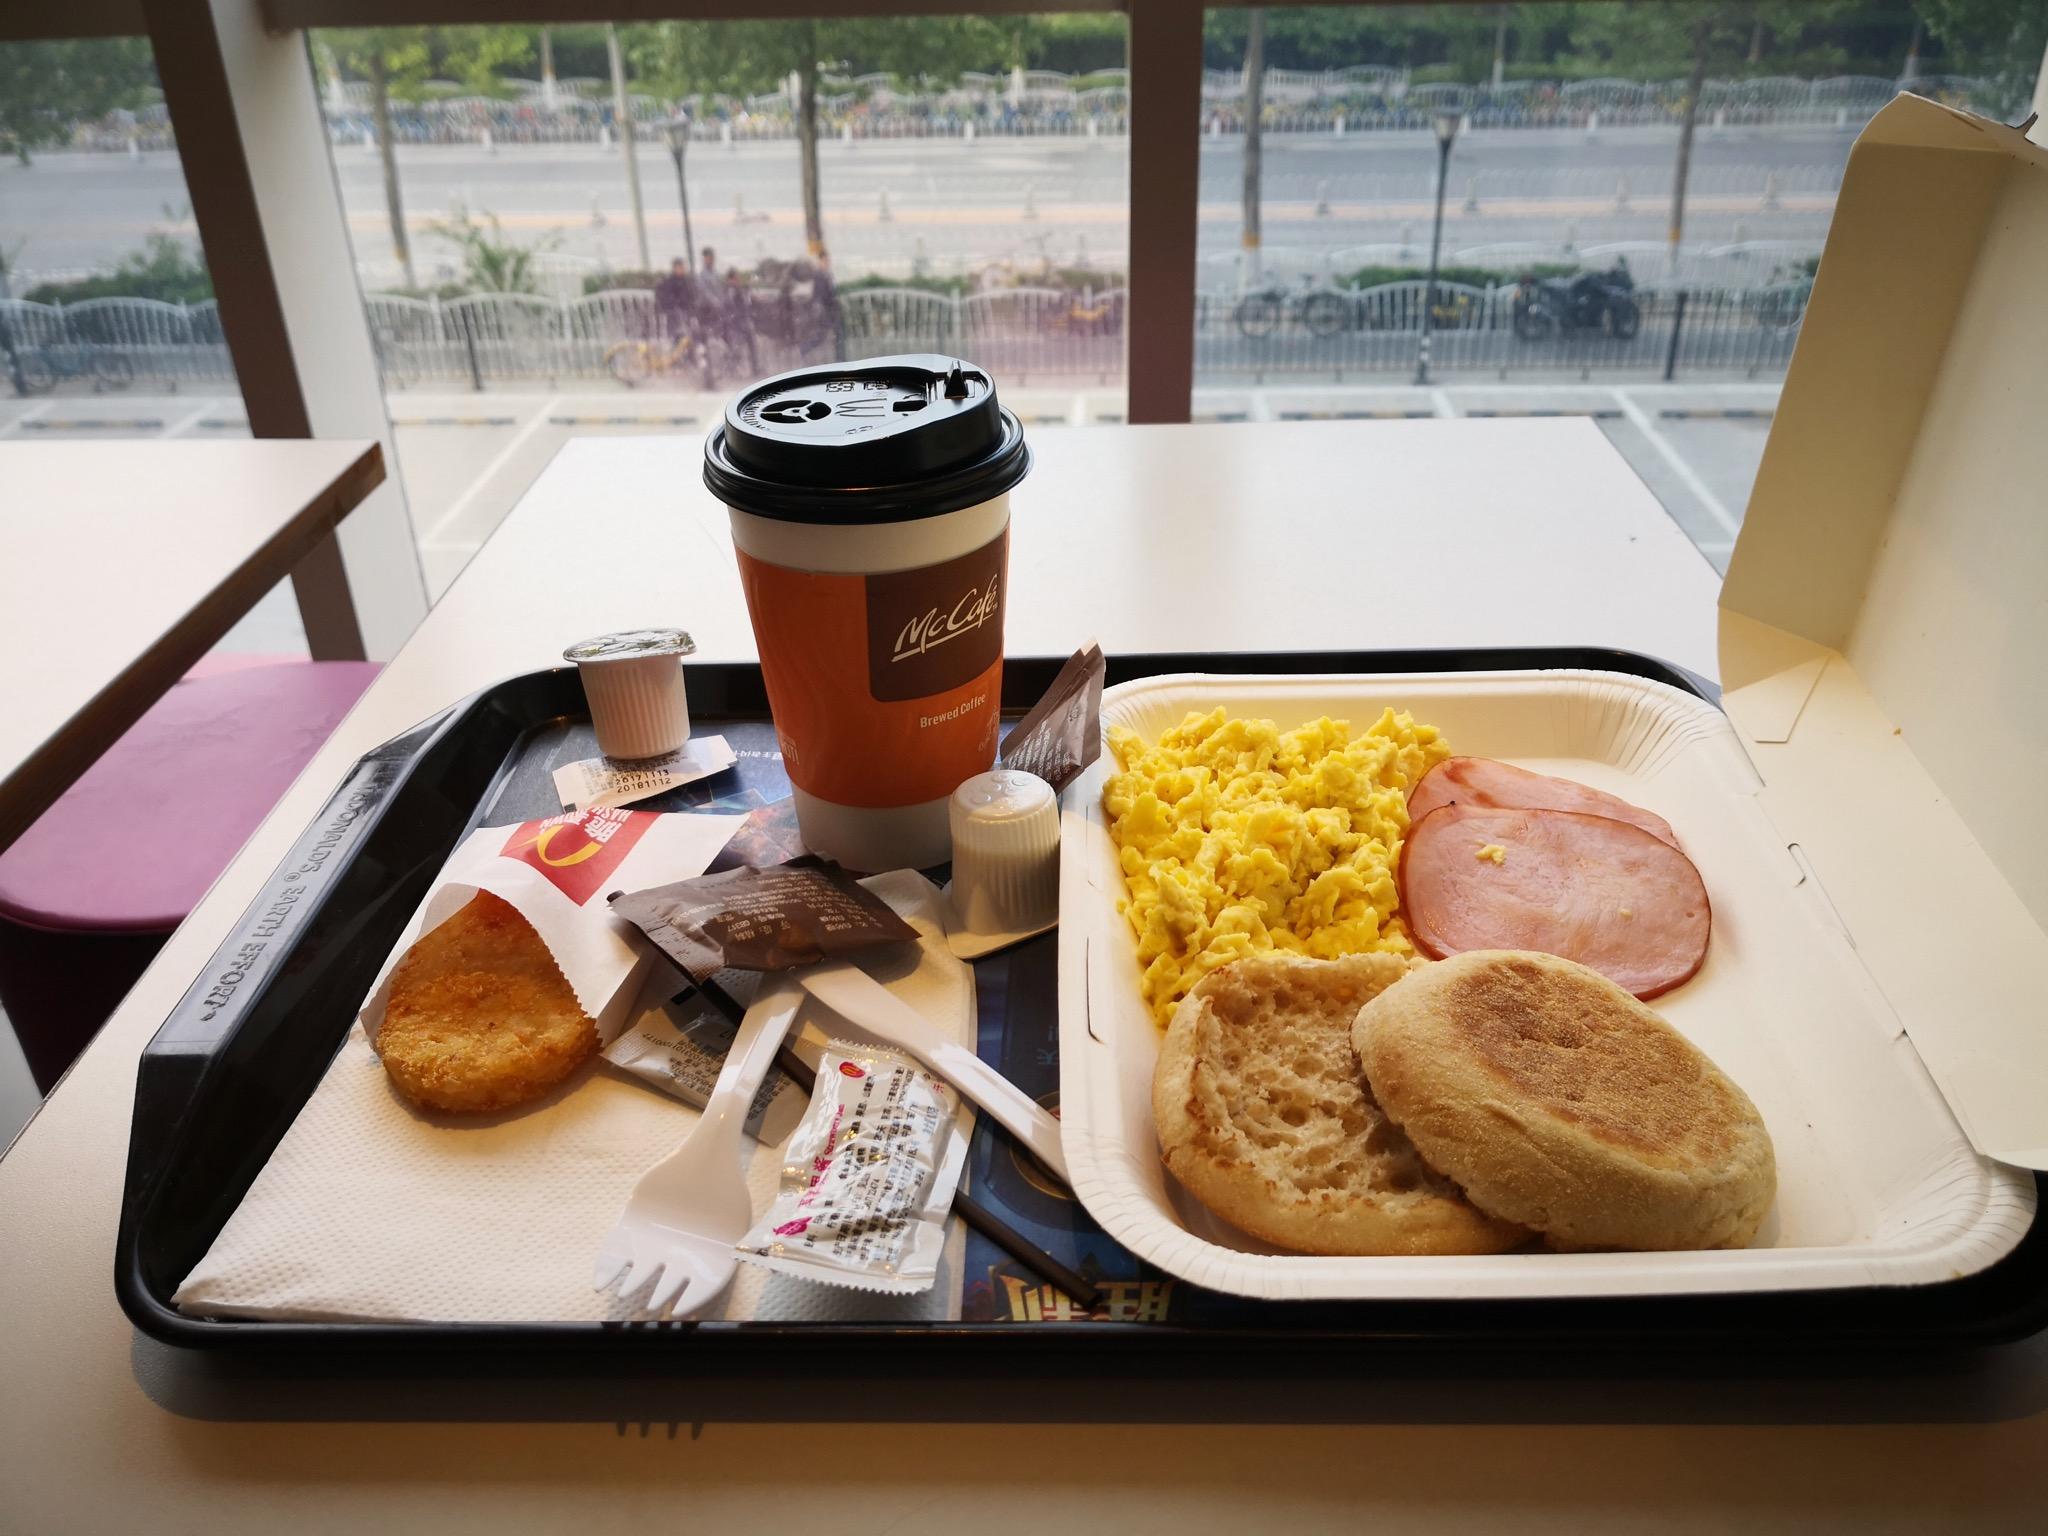 麦当劳吃早餐